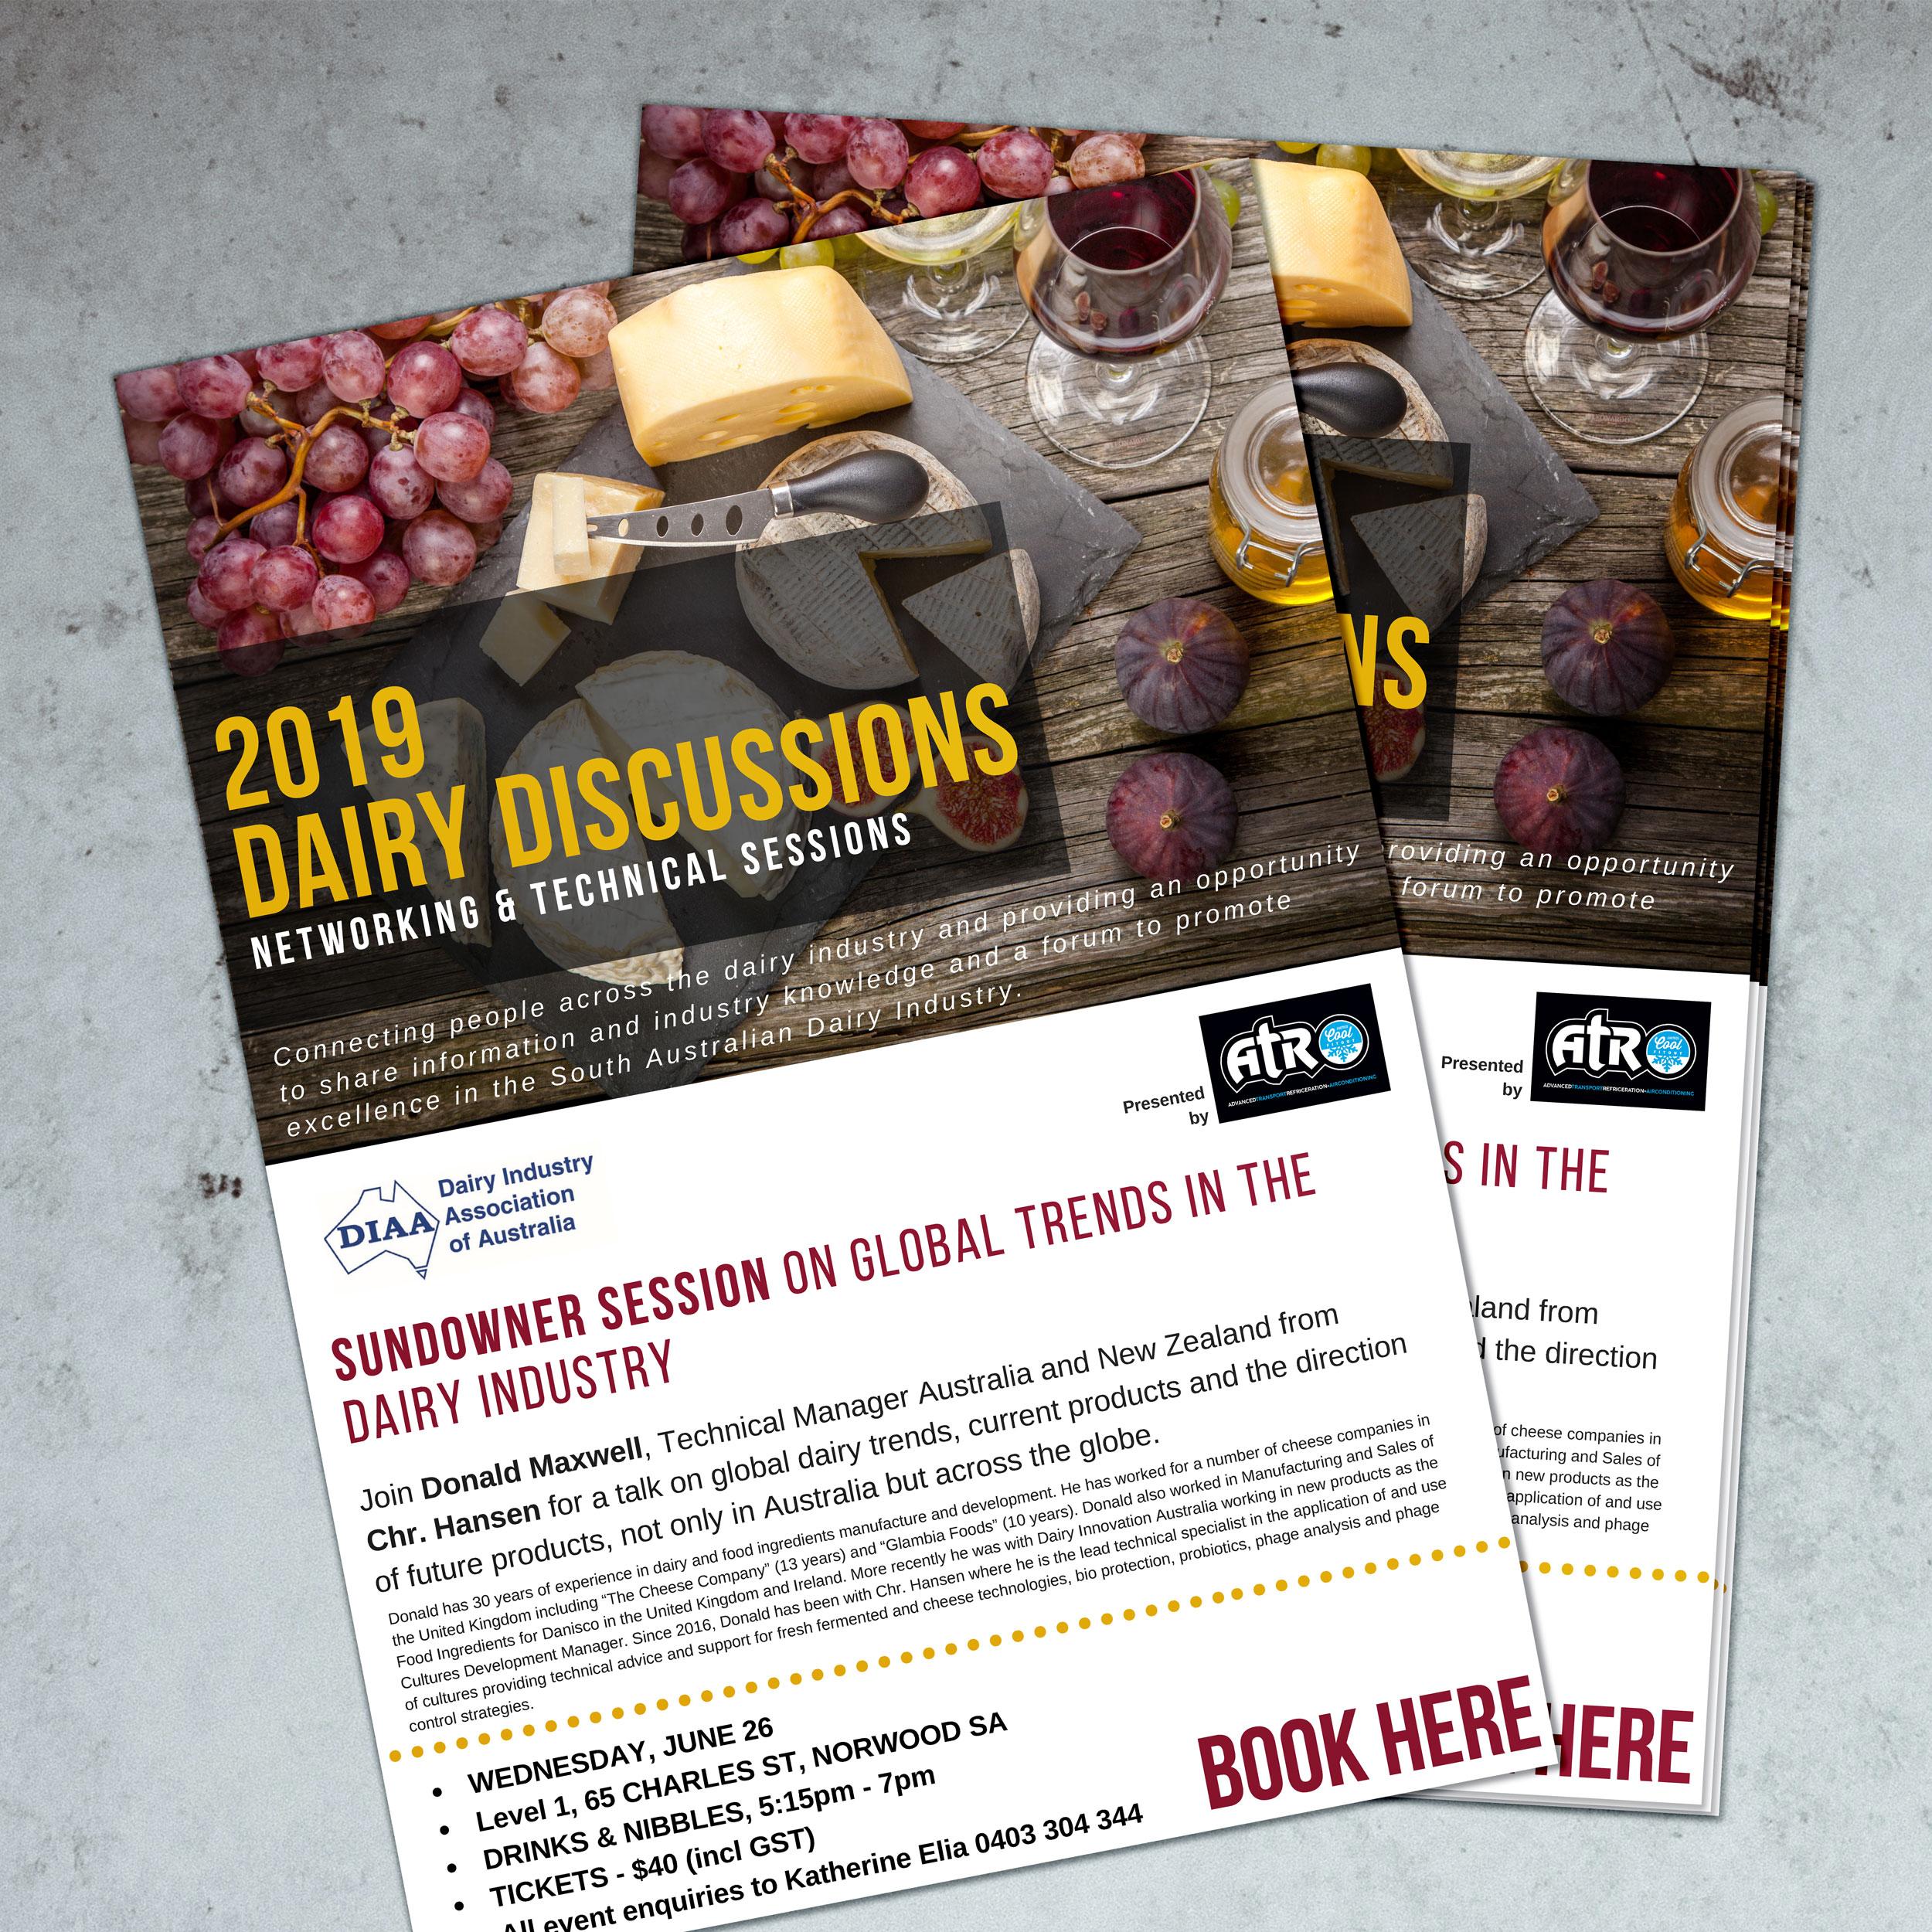 ATR-Dairy-industry-Sundowner-Session-Invite-sponsors.jpg